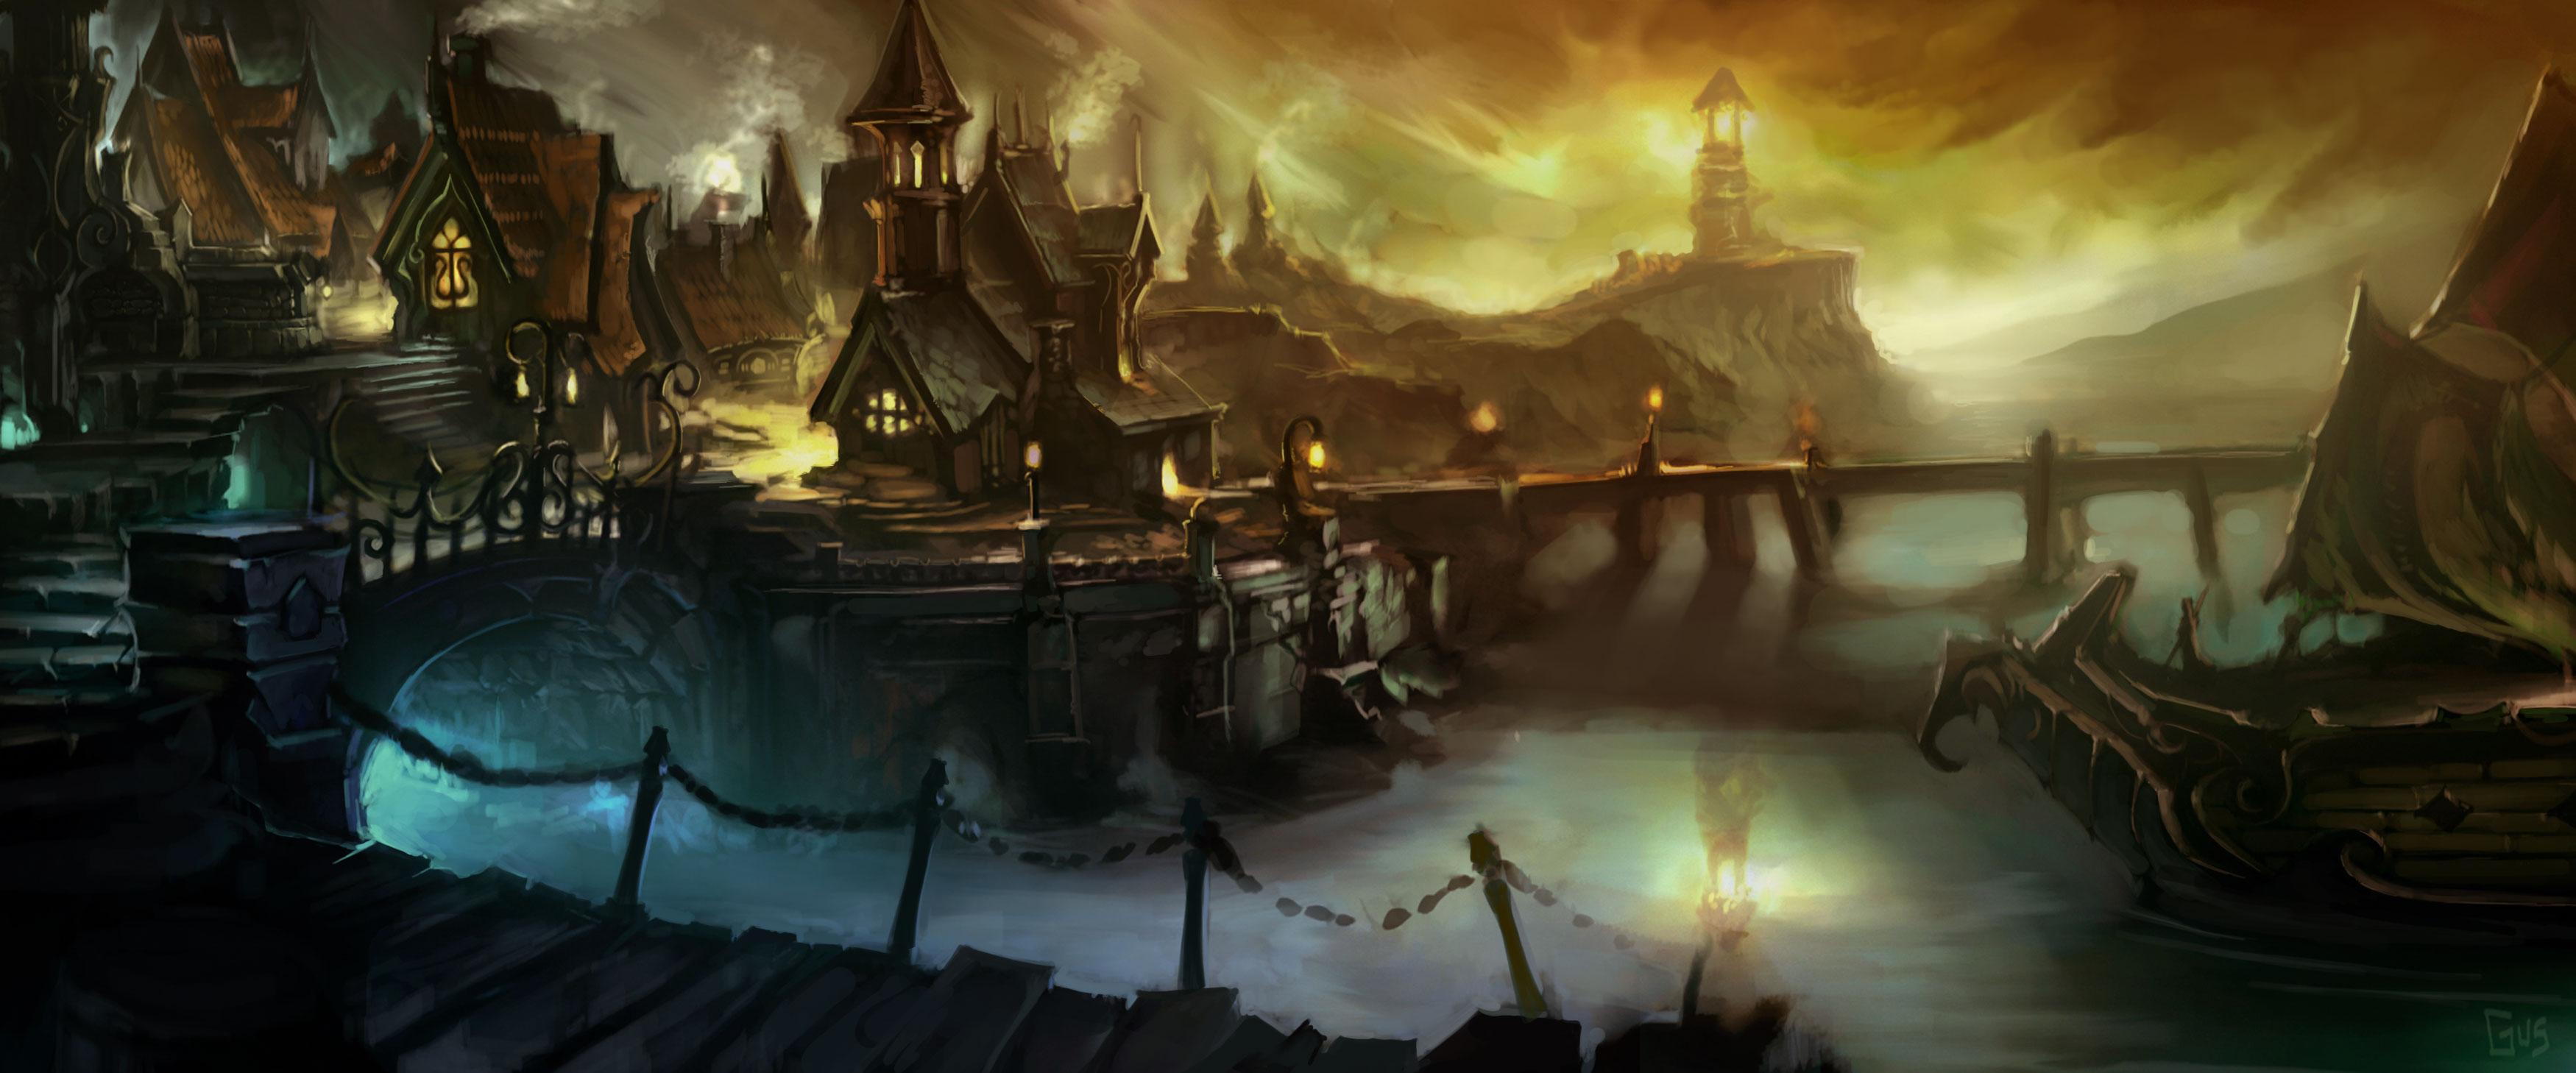 http://3.bp.blogspot.com/_W1ueYt1O3xs/TMrtjbt1dCI/AAAAAAAAW-E/OfmNjFqO7-E/d/World+of+Warcraft-+Cataclysm+Wallpapers+%287%29.jpg